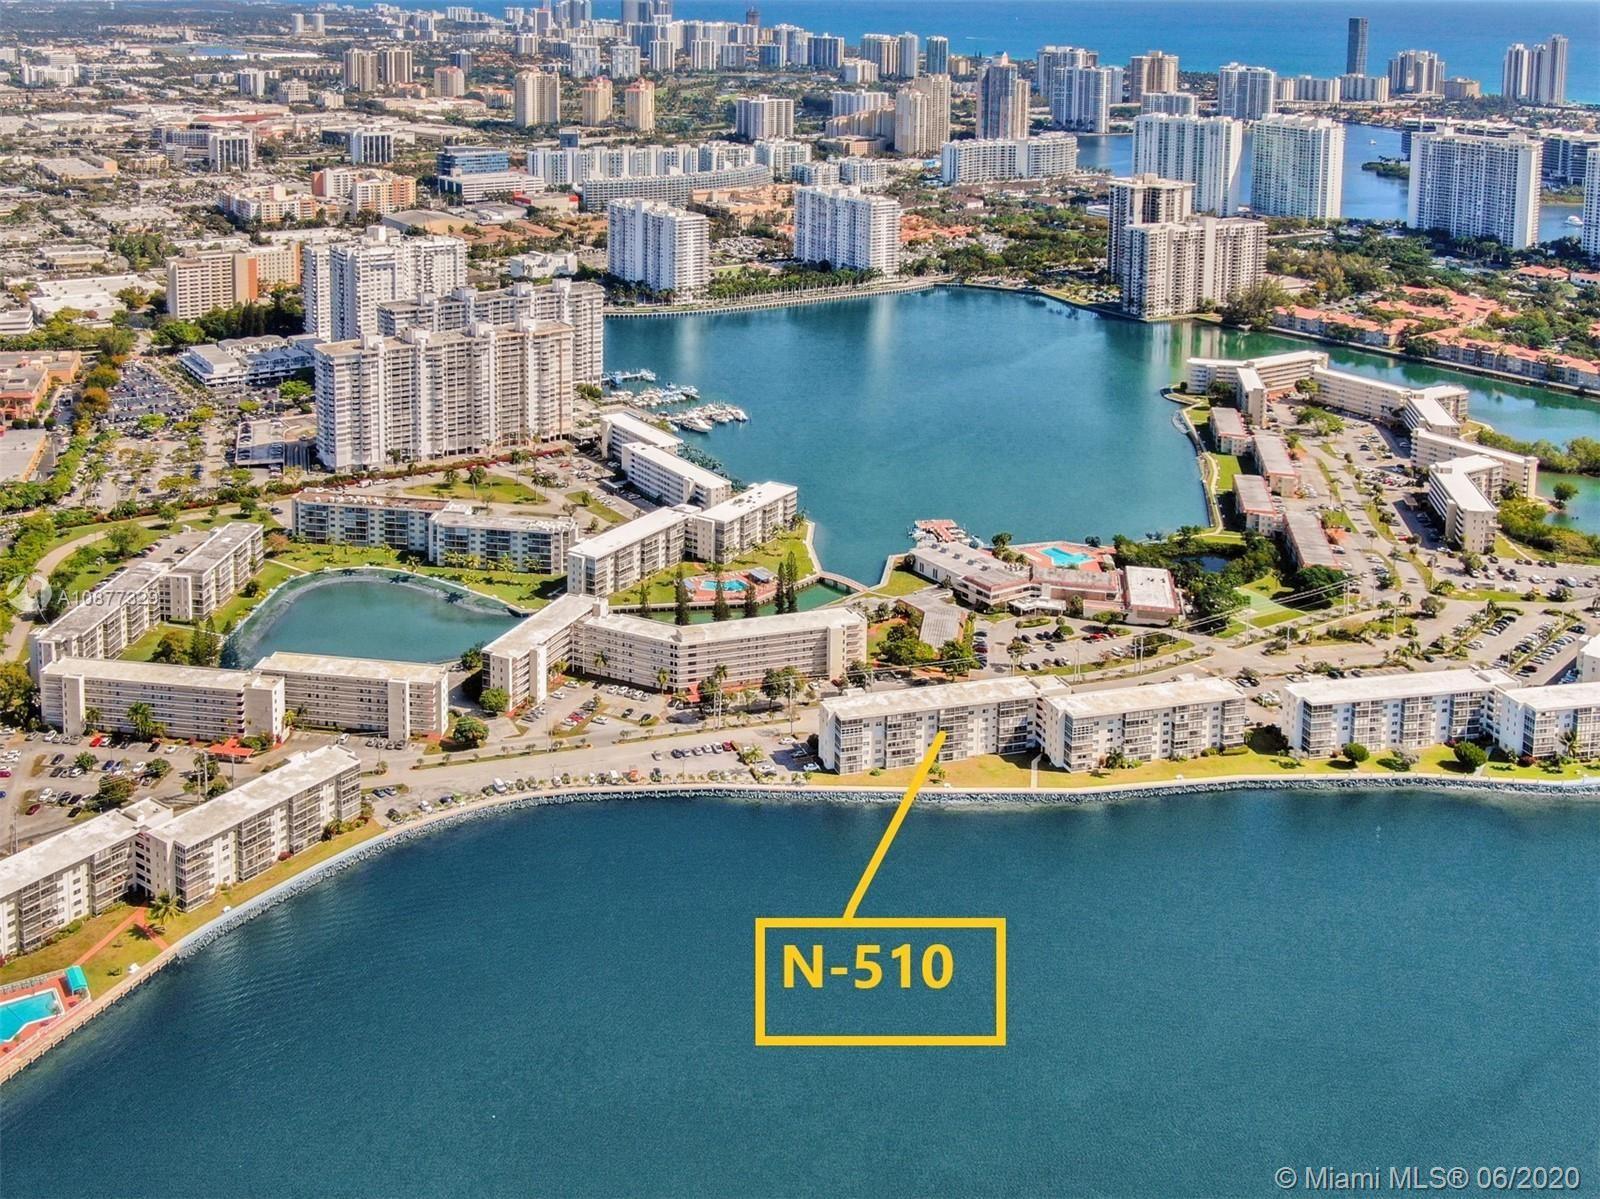 2920 Point East Dr #N510, Aventura, FL 33160 - #: A10877329